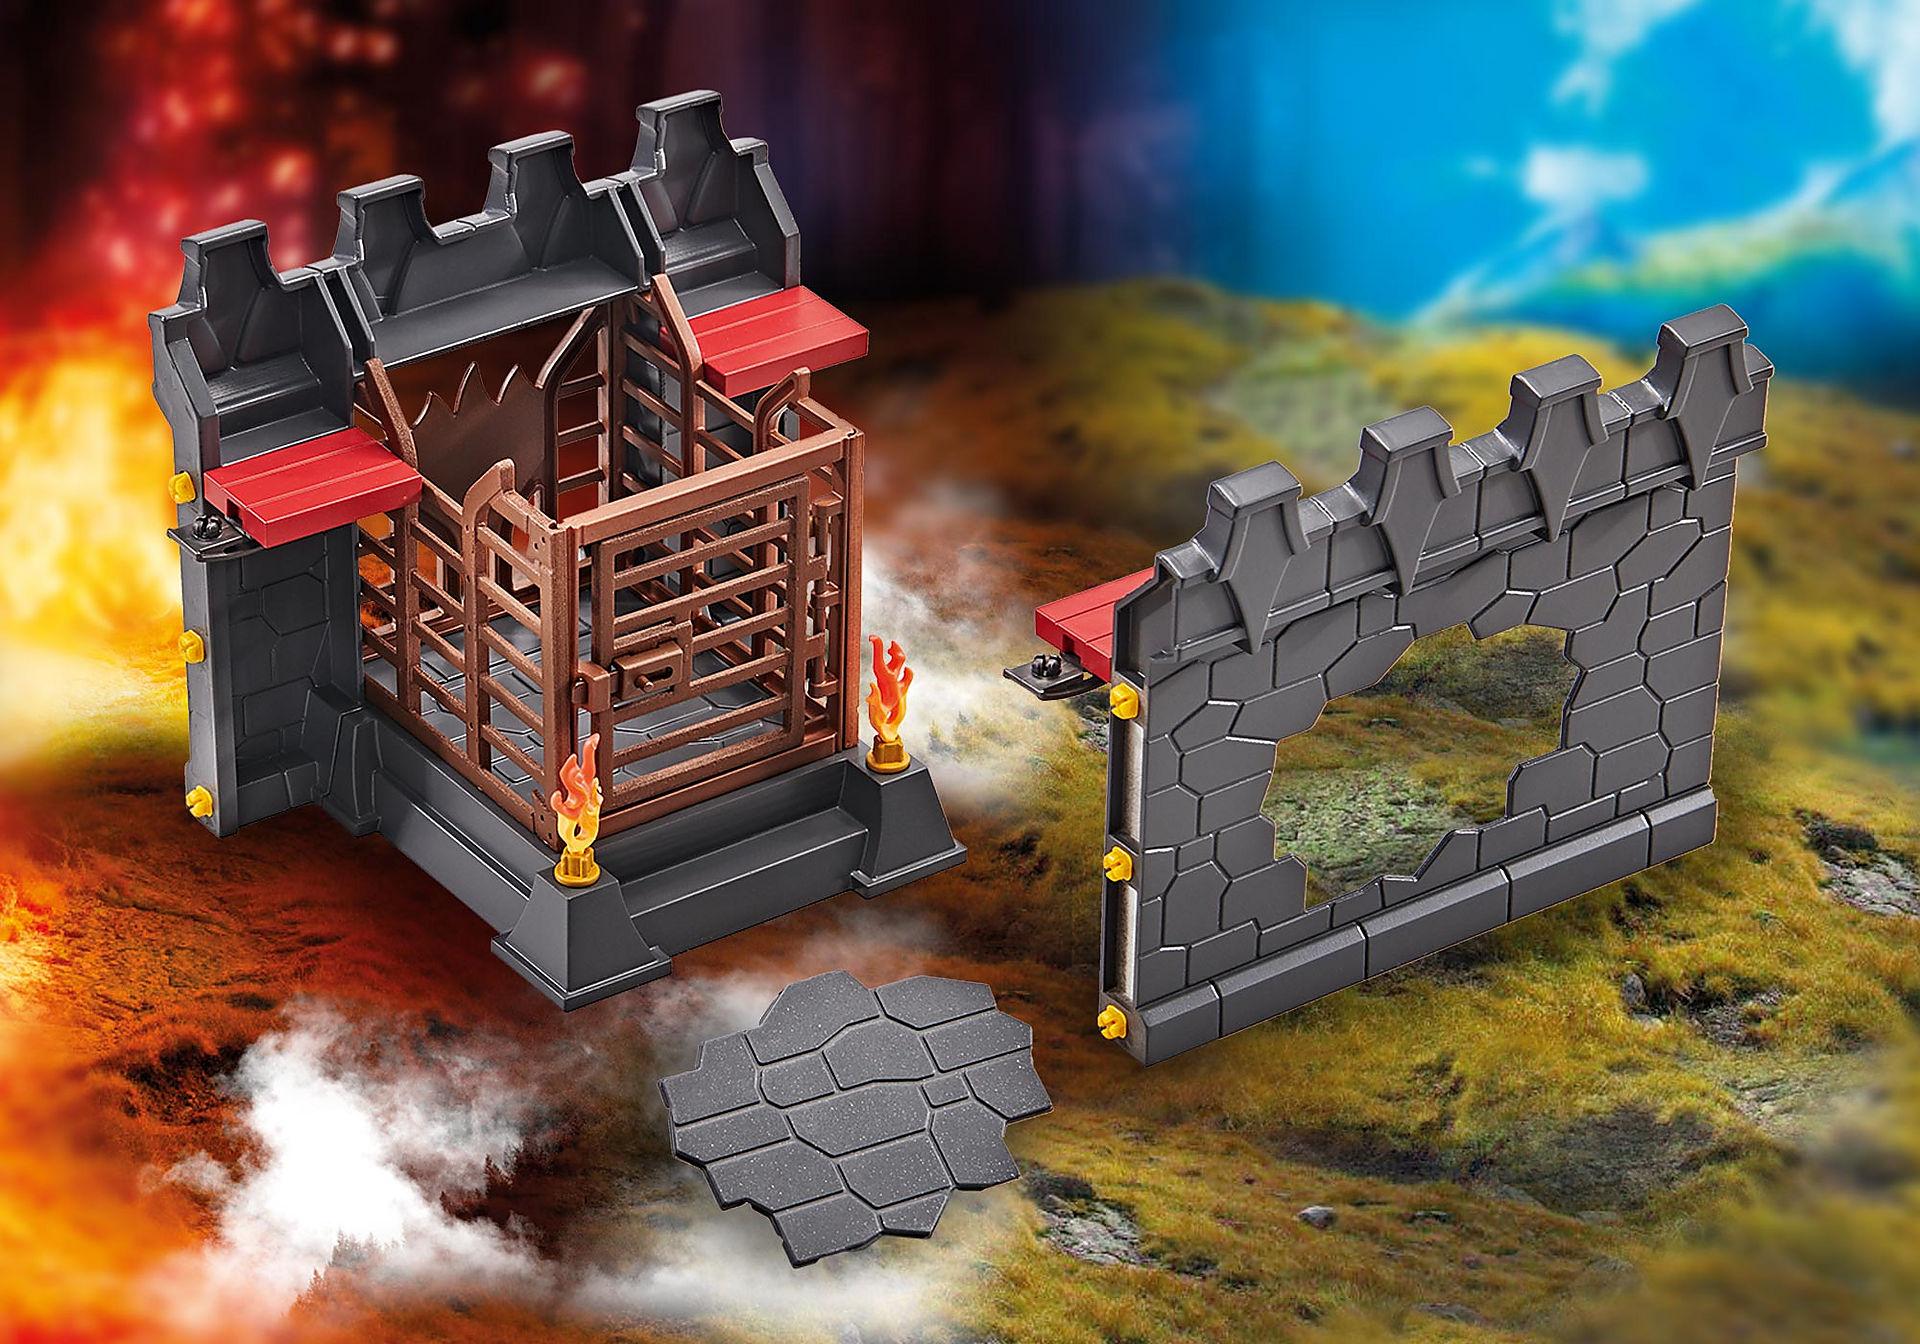 9841 Façade d'extension avec prison et mur cassable pour la Forteresse volcanique des Burnham Raiders zoom image1